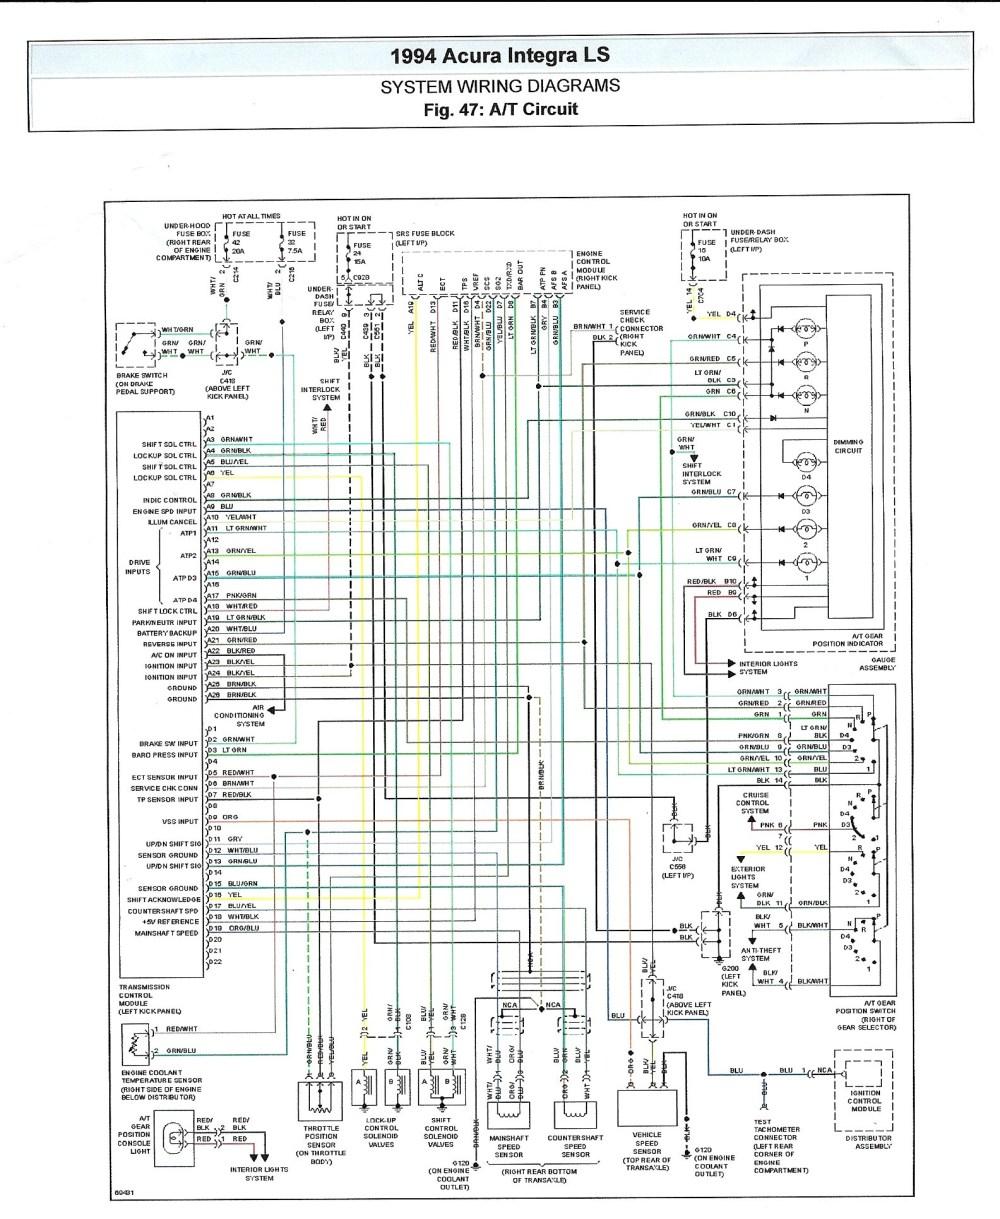 medium resolution of 95 civic engine diagram honda civic fuse box diagram graphic facile rh detoxicrecenze com at 95